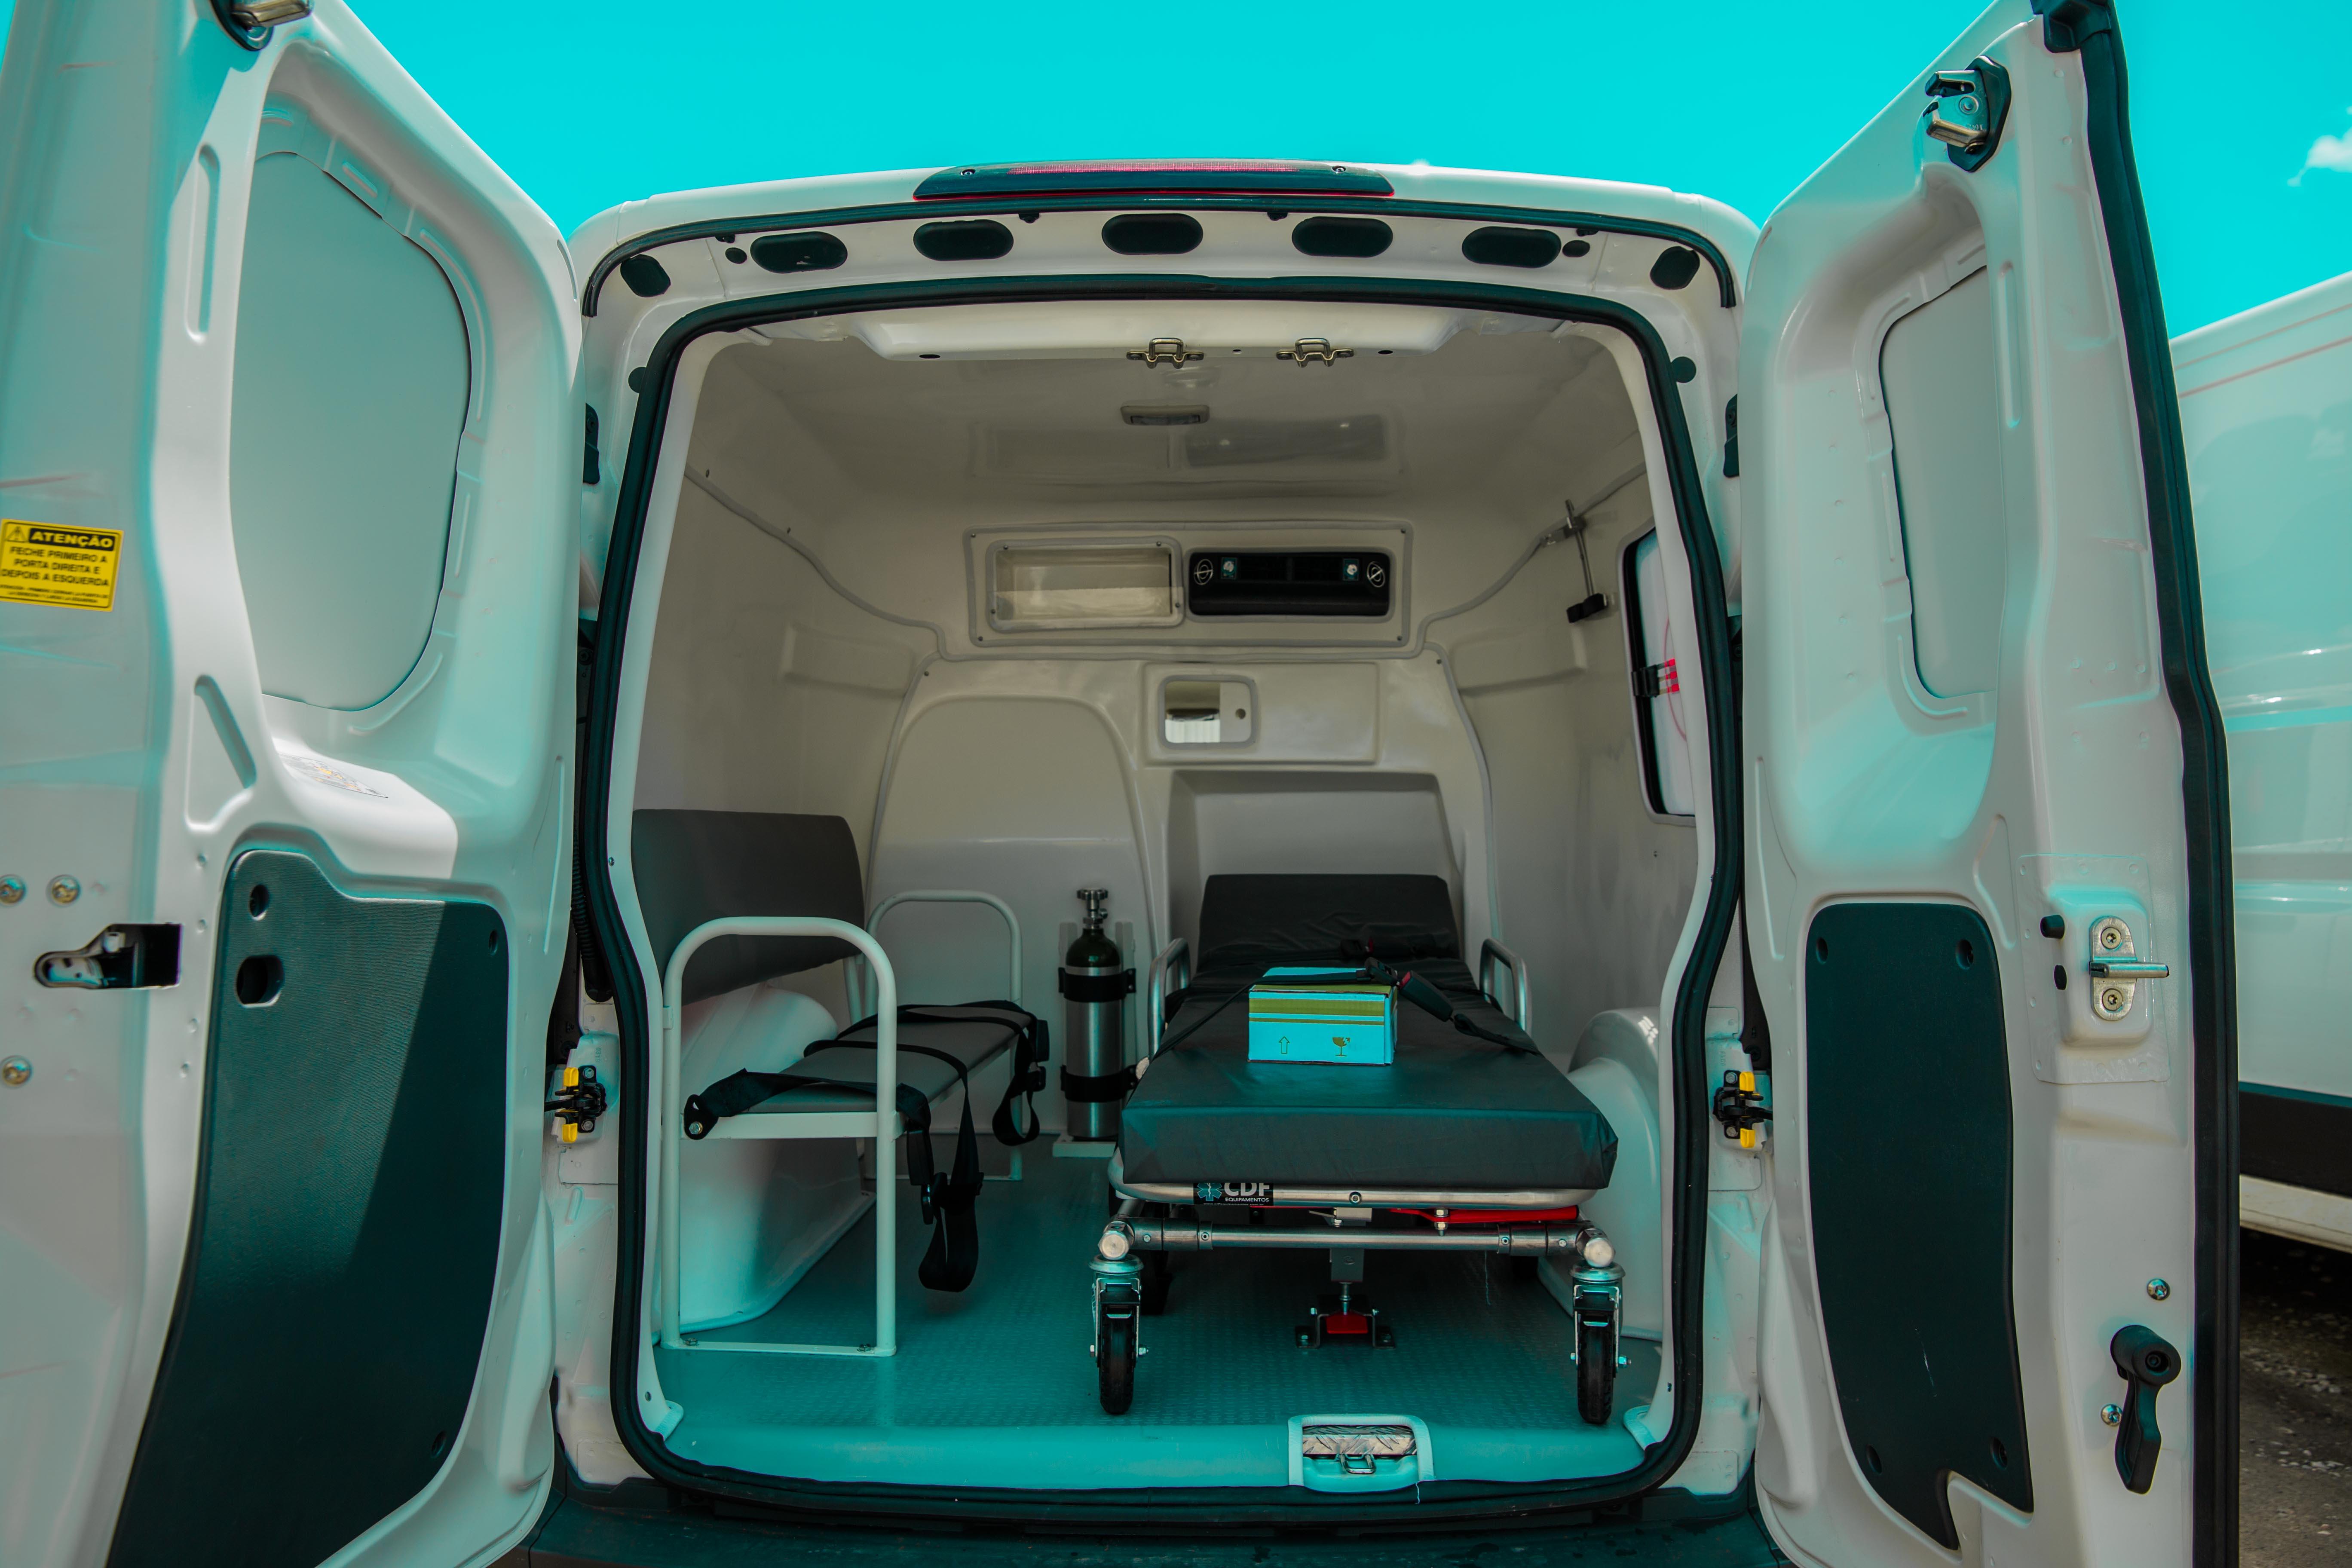 Prefeitura entrega três novas ambulâncias à população de Cabedelo nesta quarta-feira